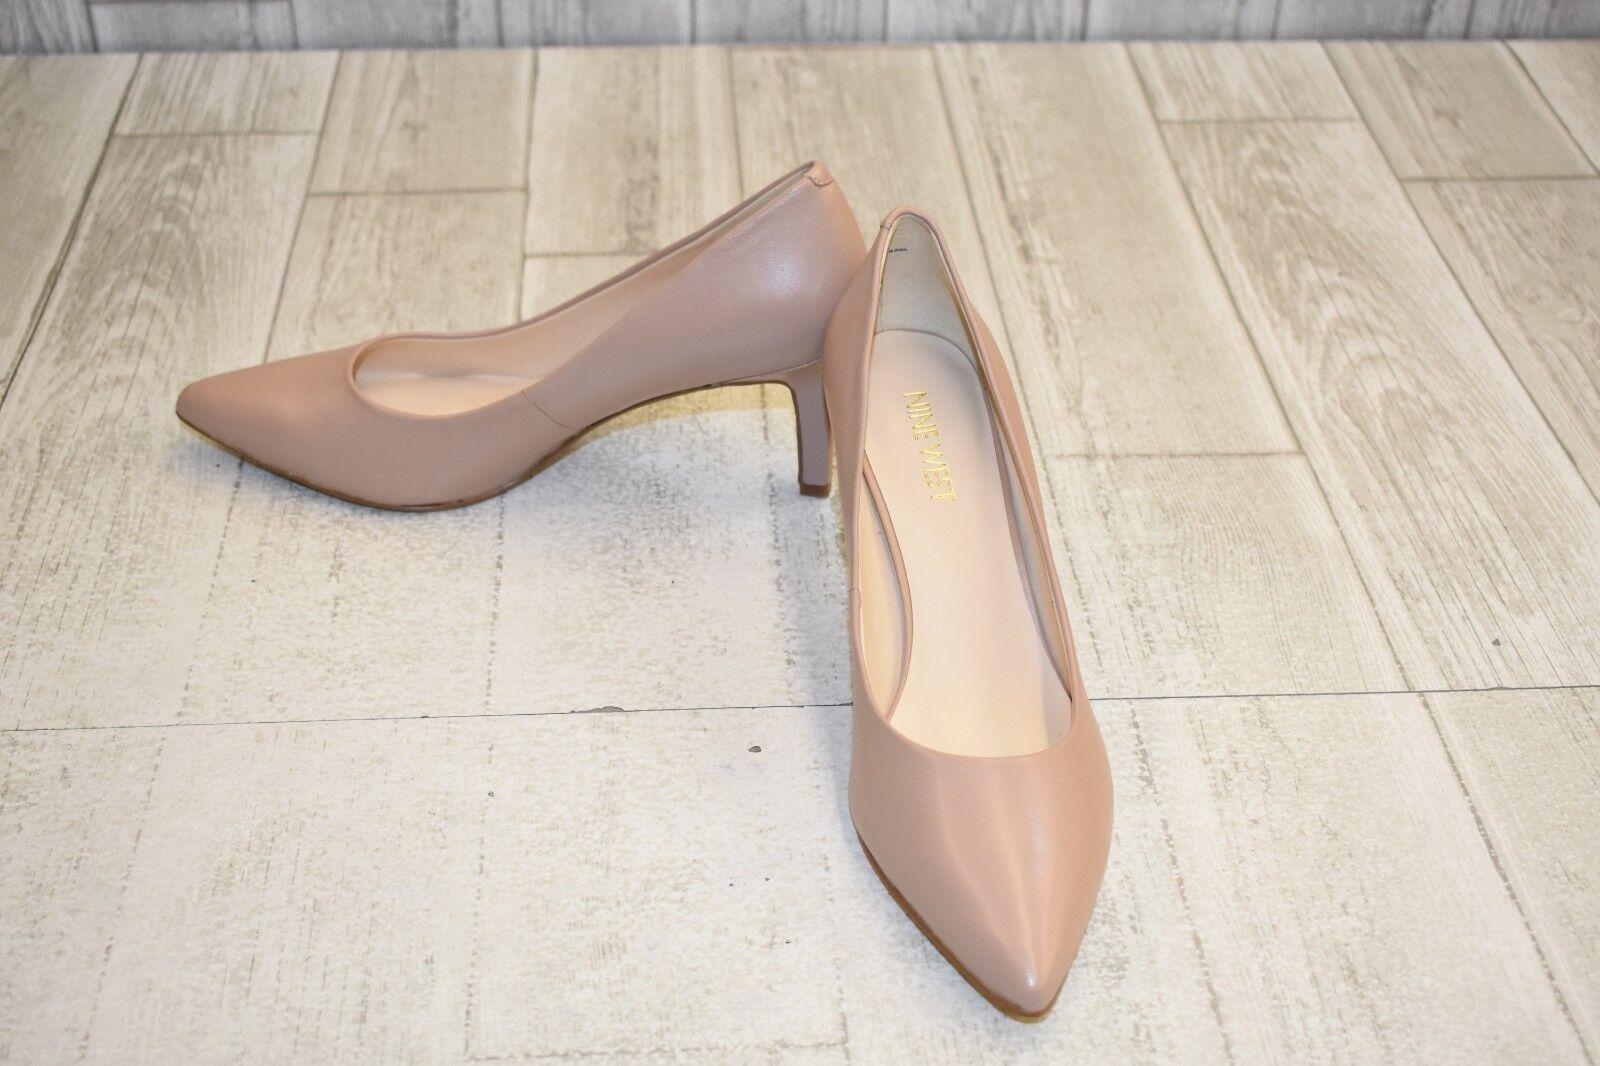 Nine West Eara Heel - Women's Size 8M Beige